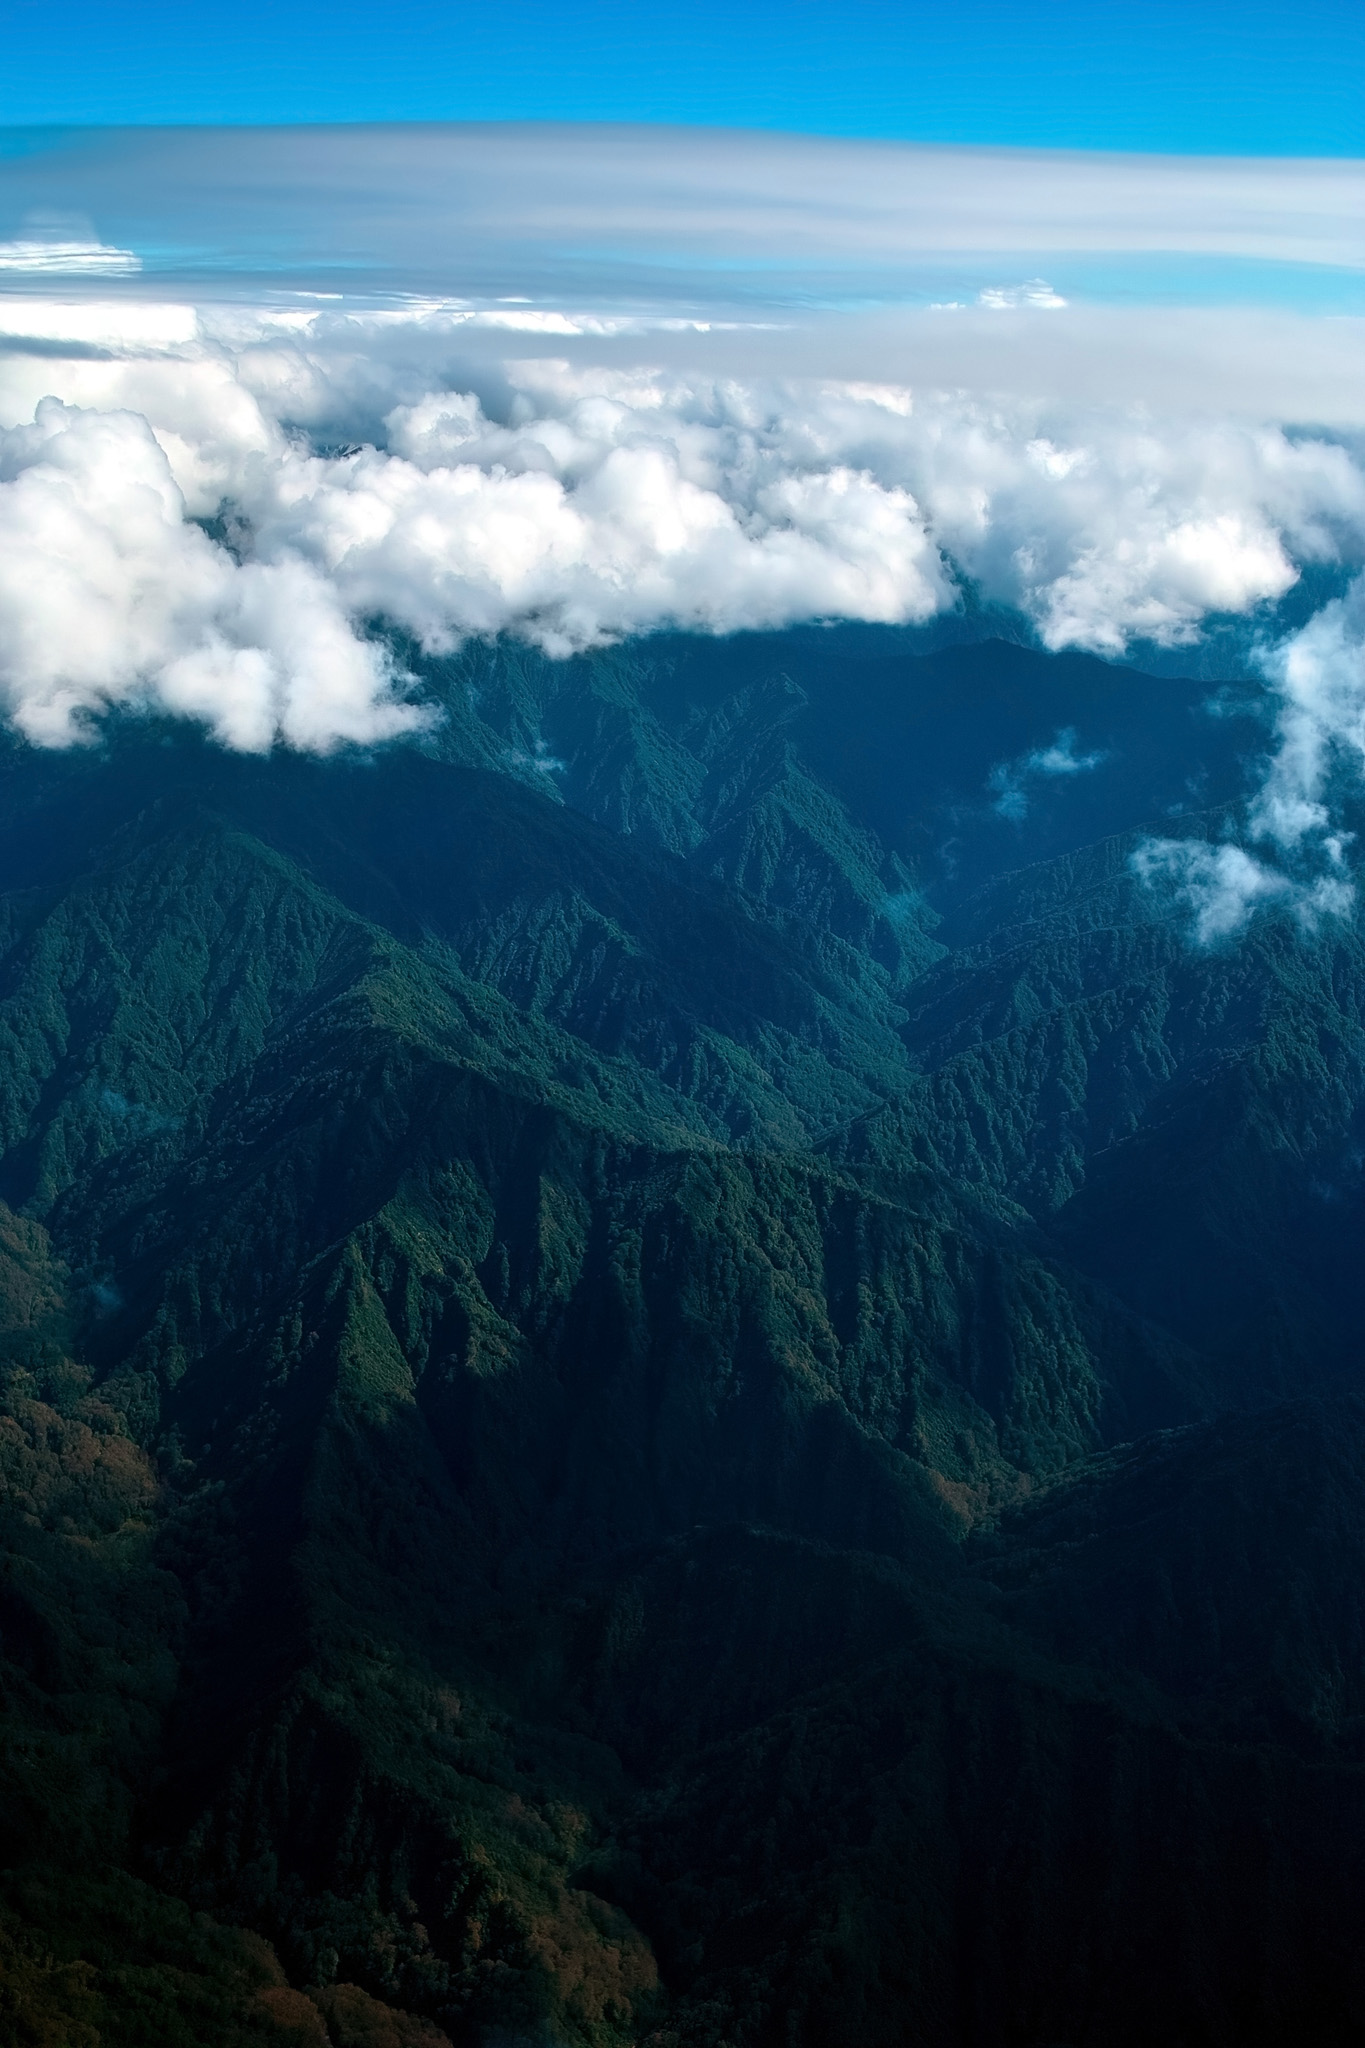 「雲冠る高く連なる神秘的な山々」の素材を無料ダウンロード